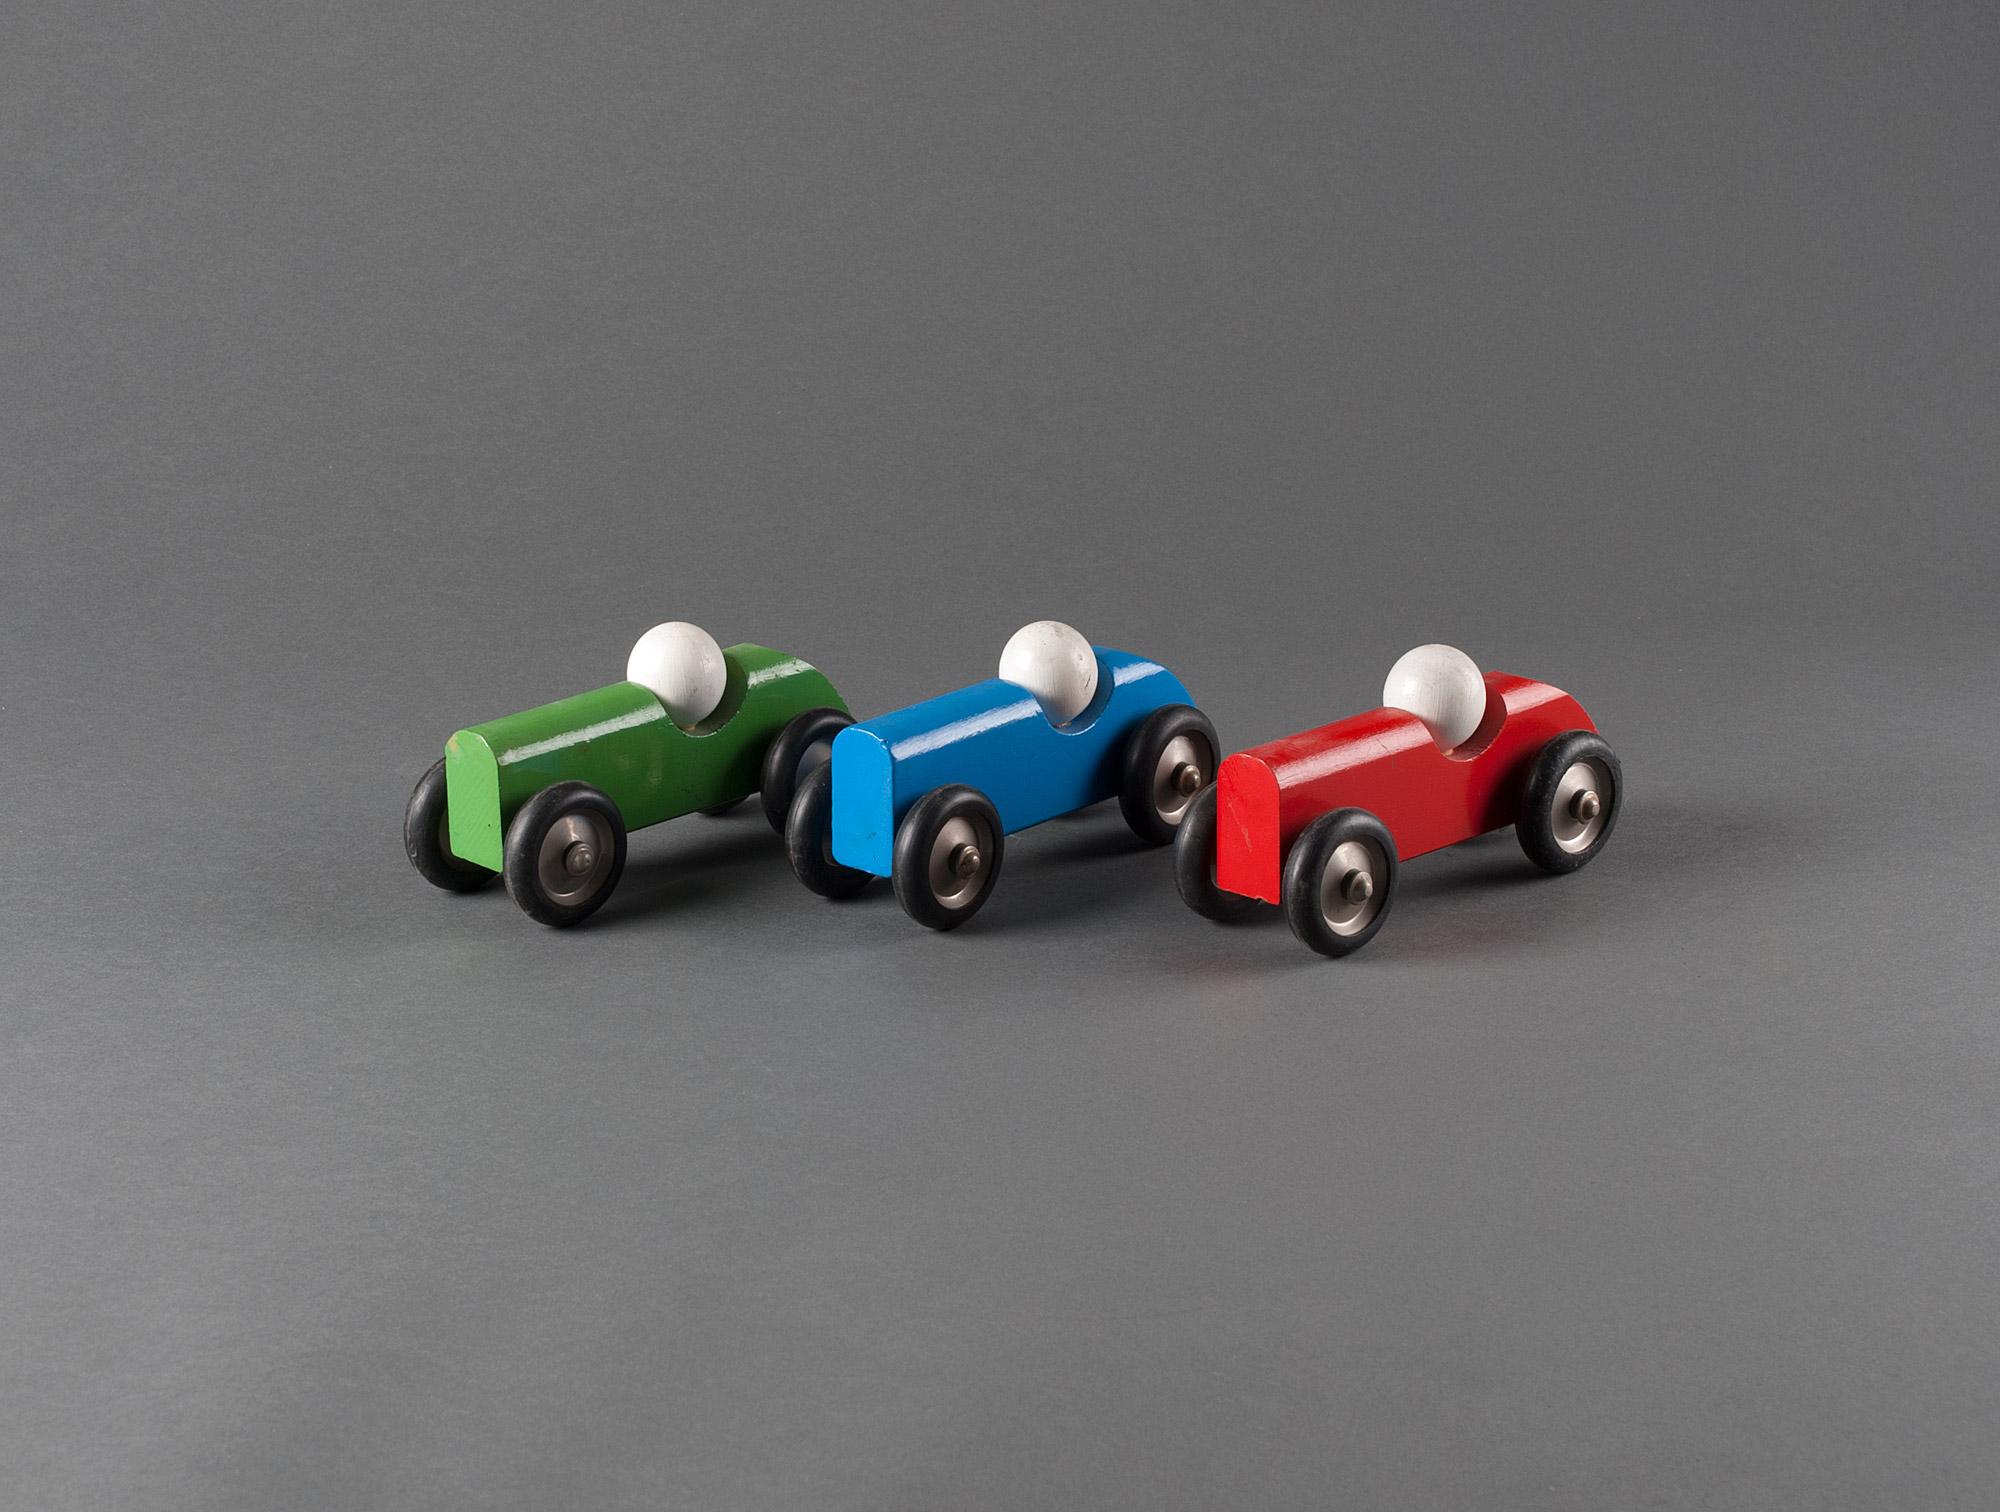 Race car Vilac Soubrier - Rent Deco objects Toy XXth